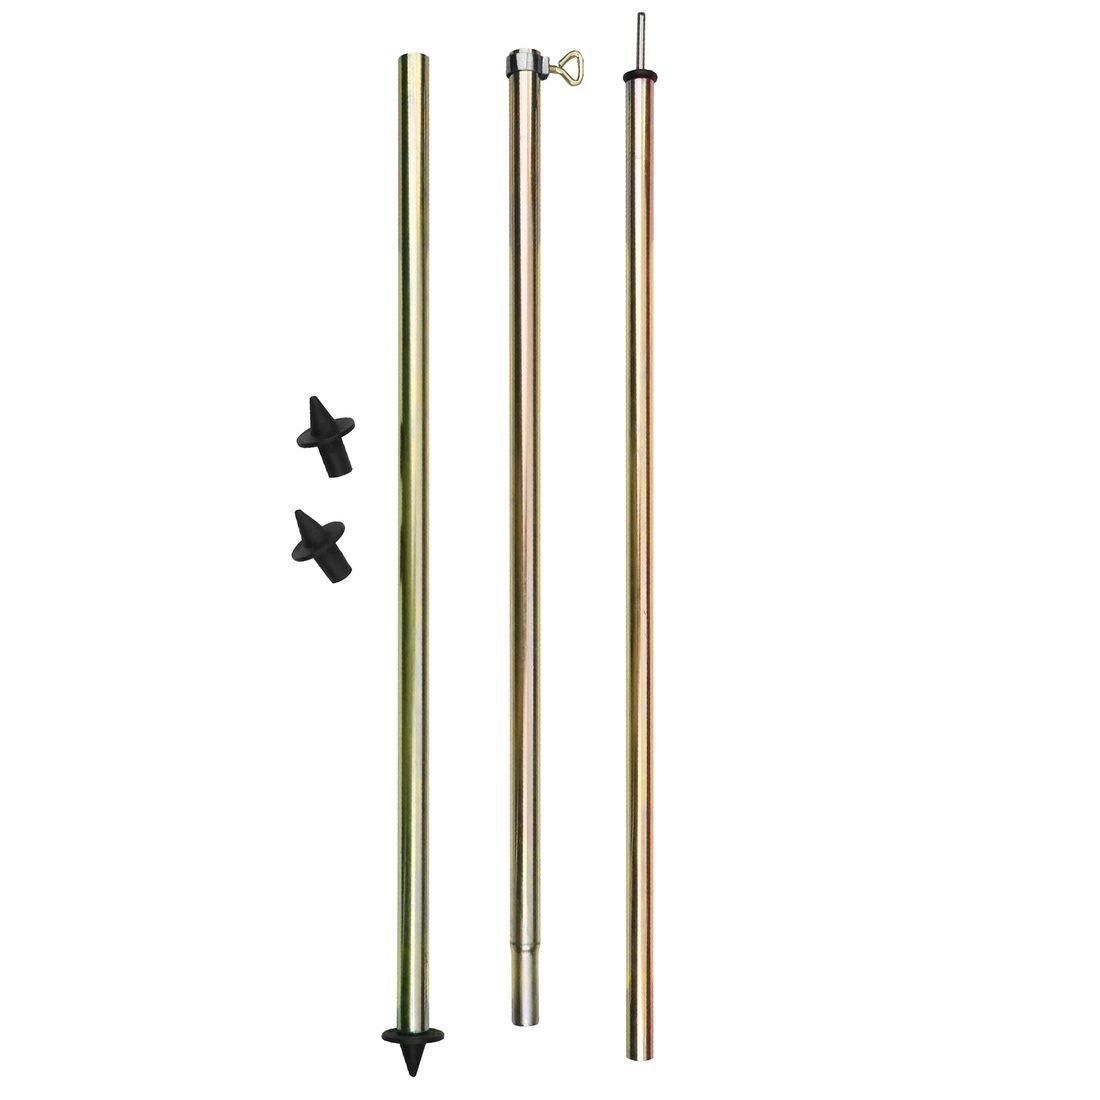 10T Outdoor Equipment TA Pole 200Tienda Barra, Oro, 140–200cm 140-200cm 10TA5|#10T Outdoor Equipment 4260181763545